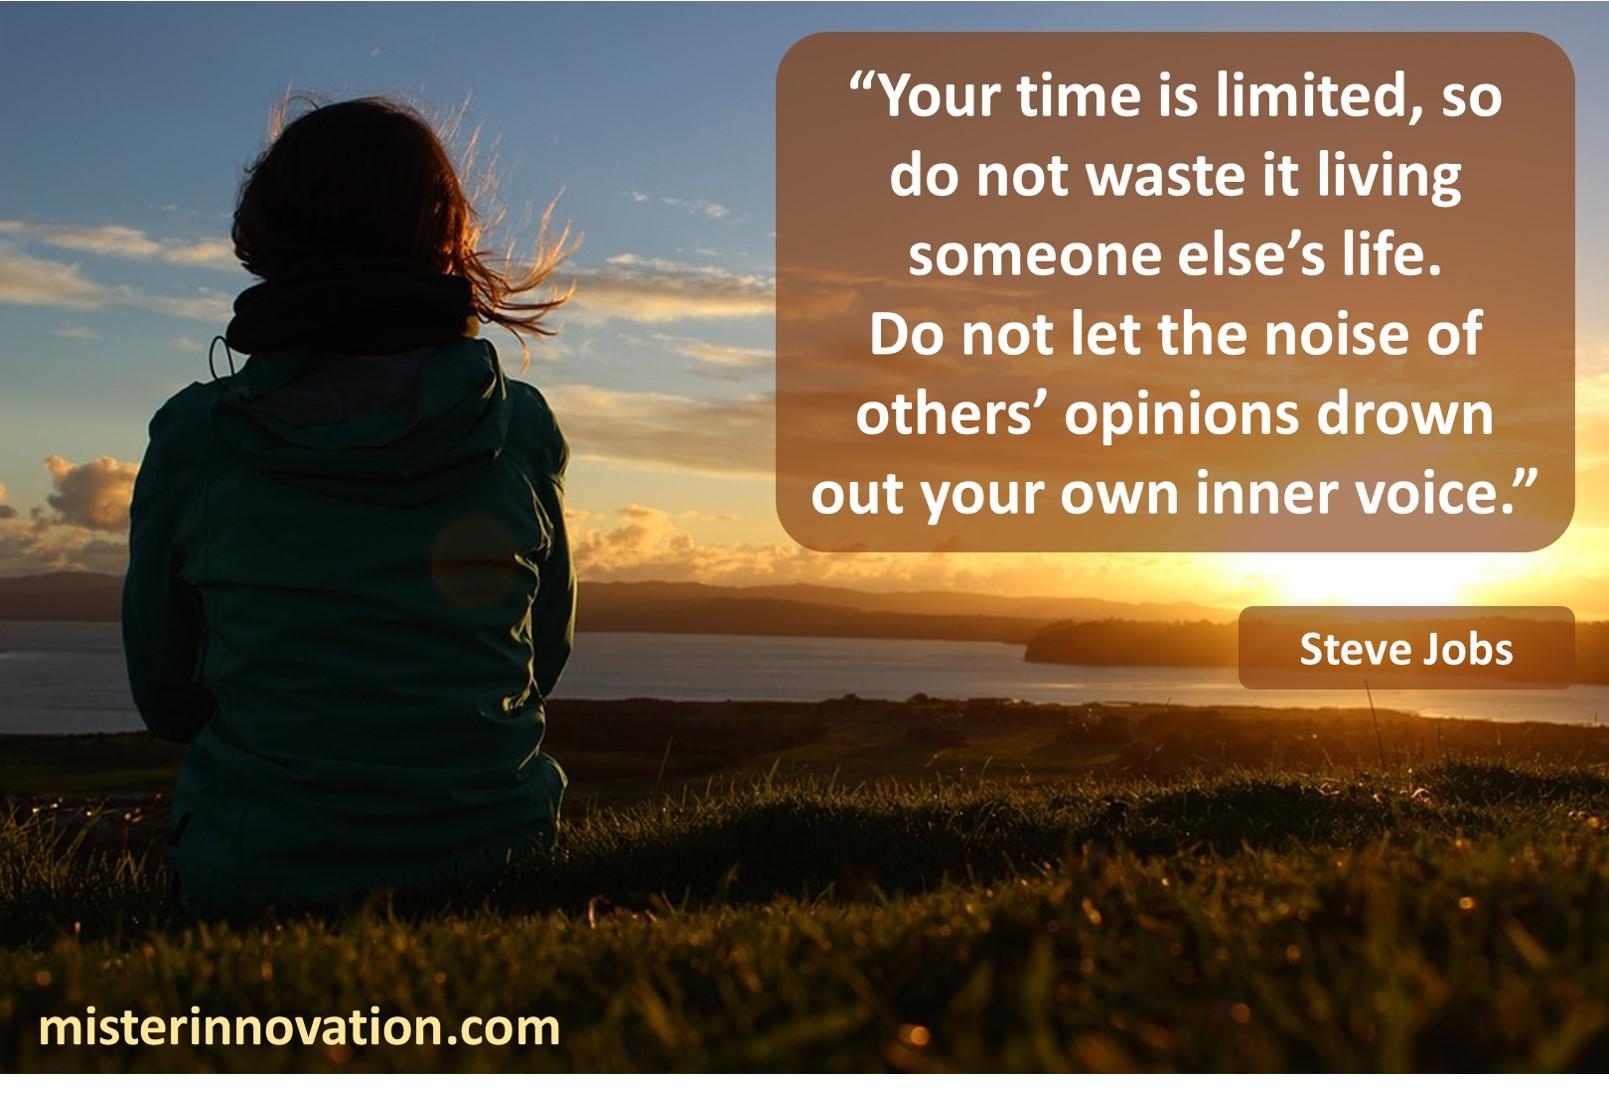 Steve Jobs Inner Voice